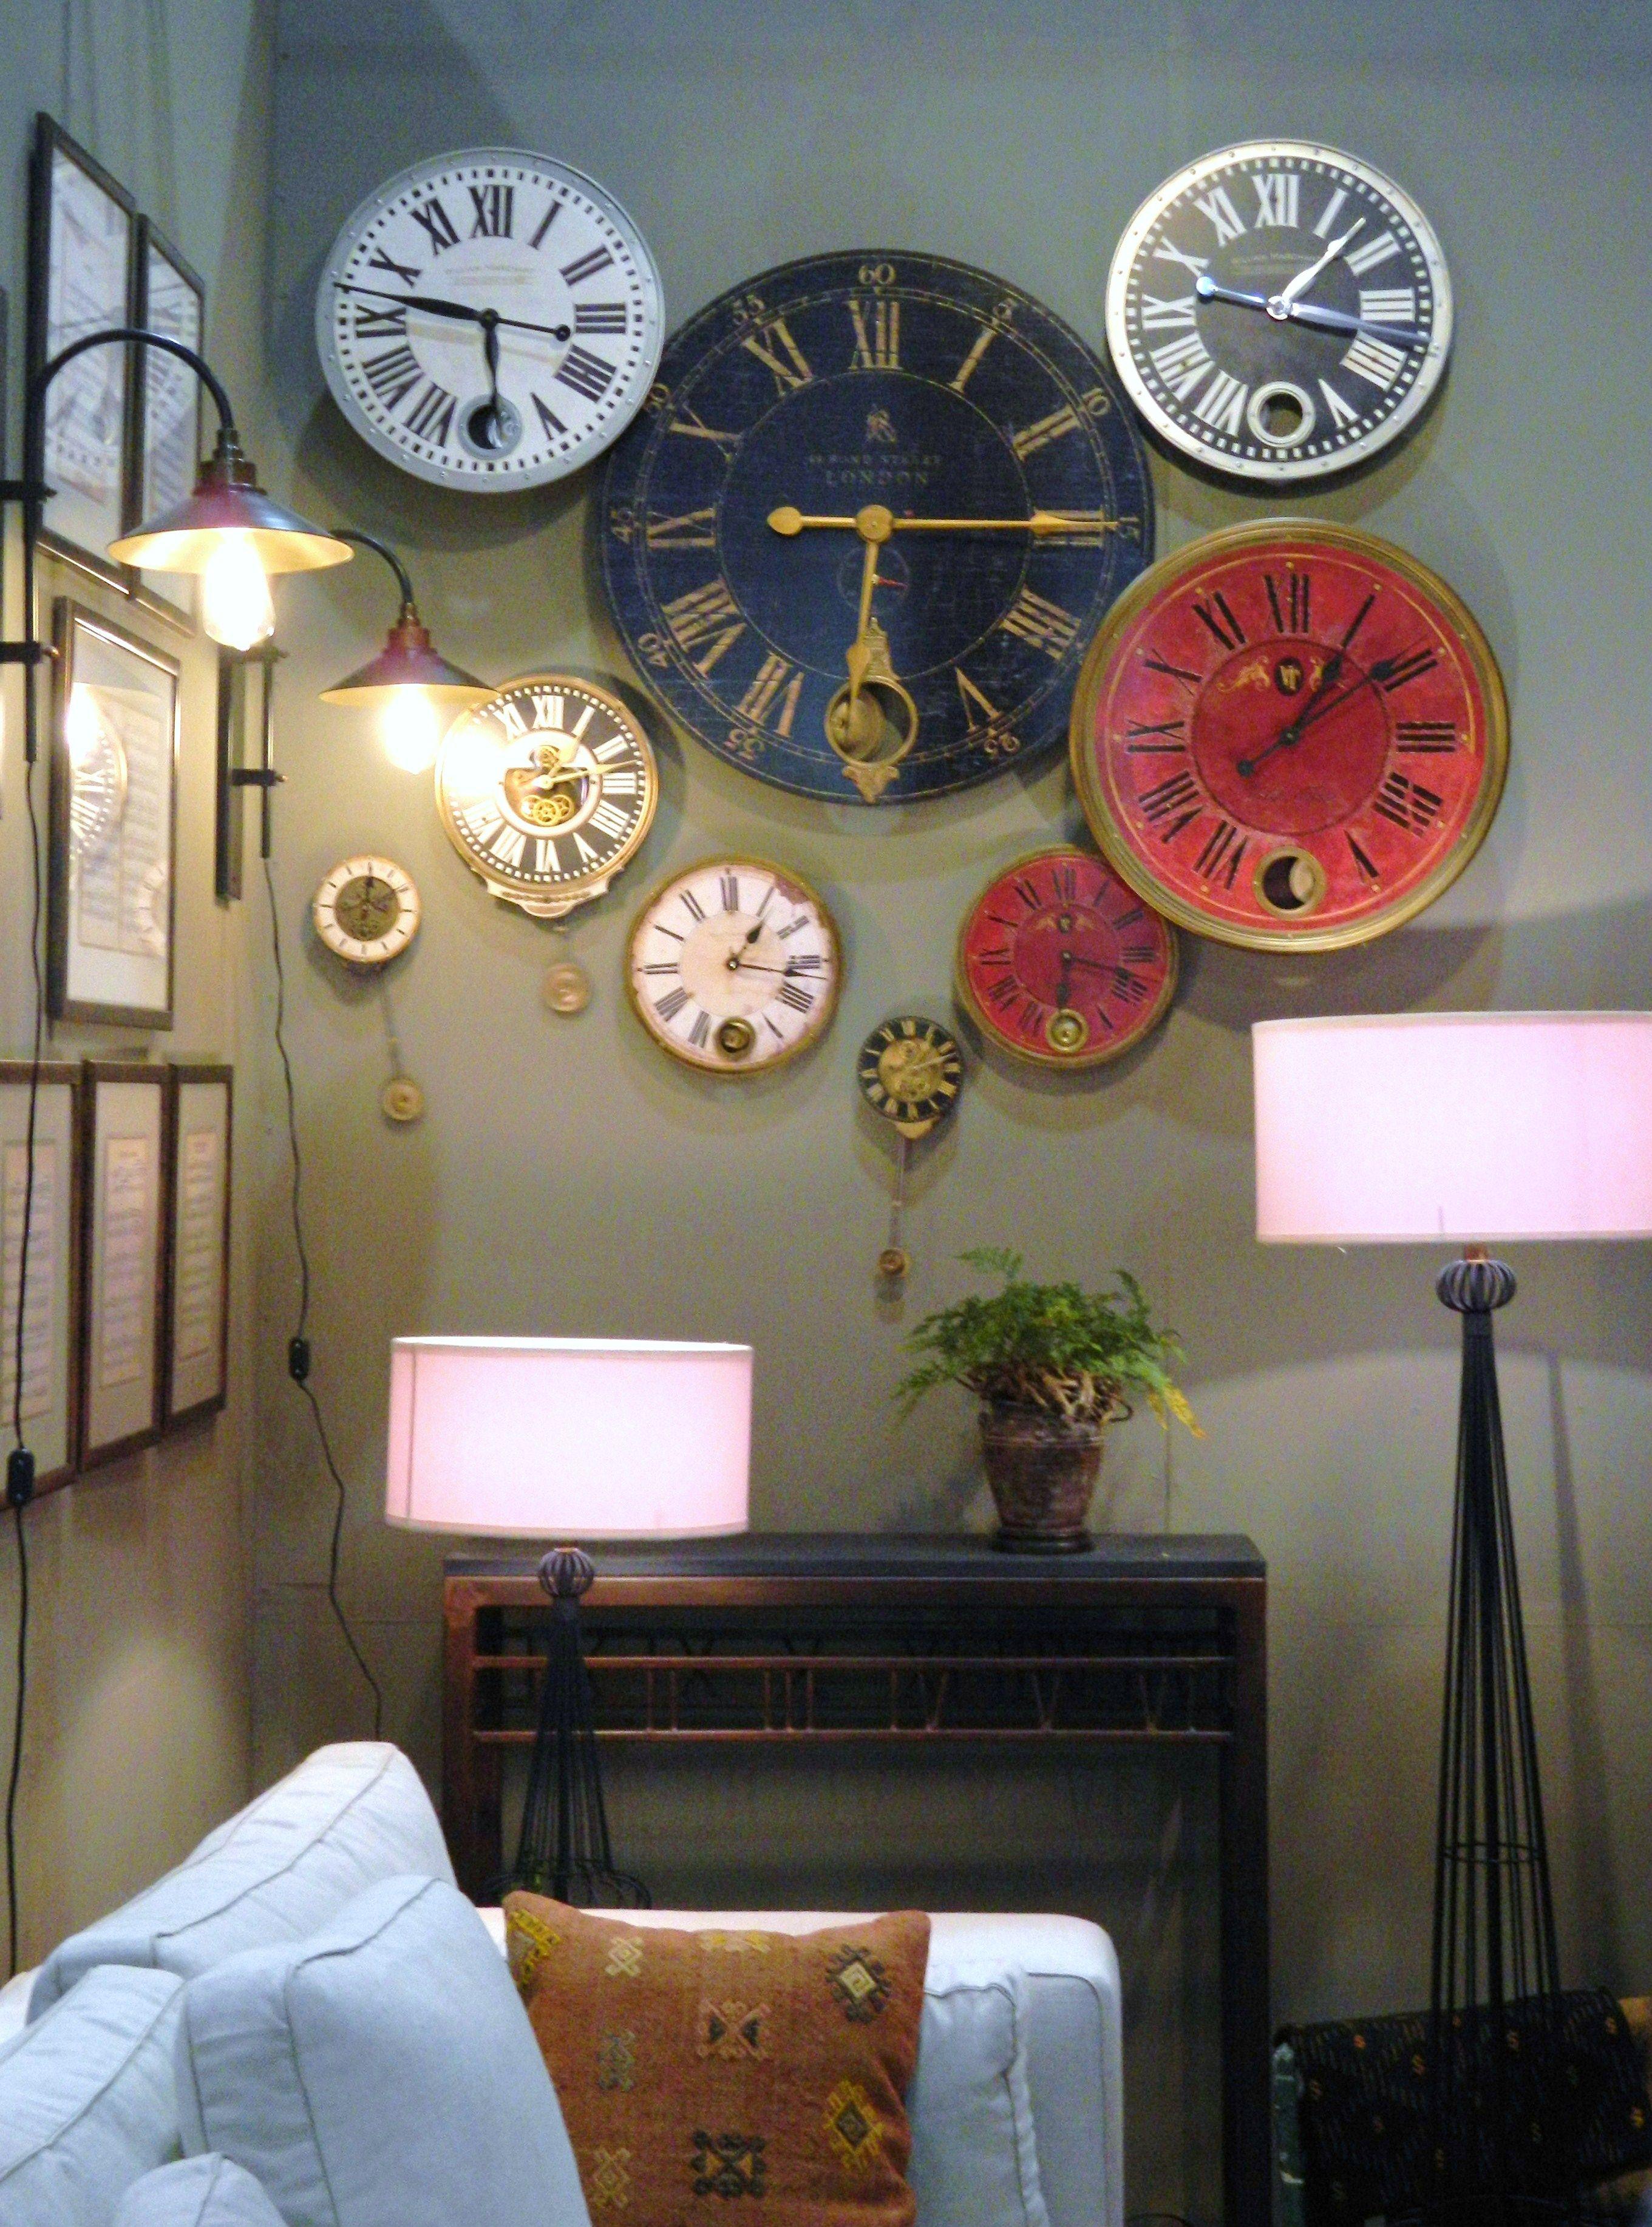 Pin By Carina Elizabeth Rodriguez On Expo Habitat 2012 Wall Clock Clock Wall Decor Home